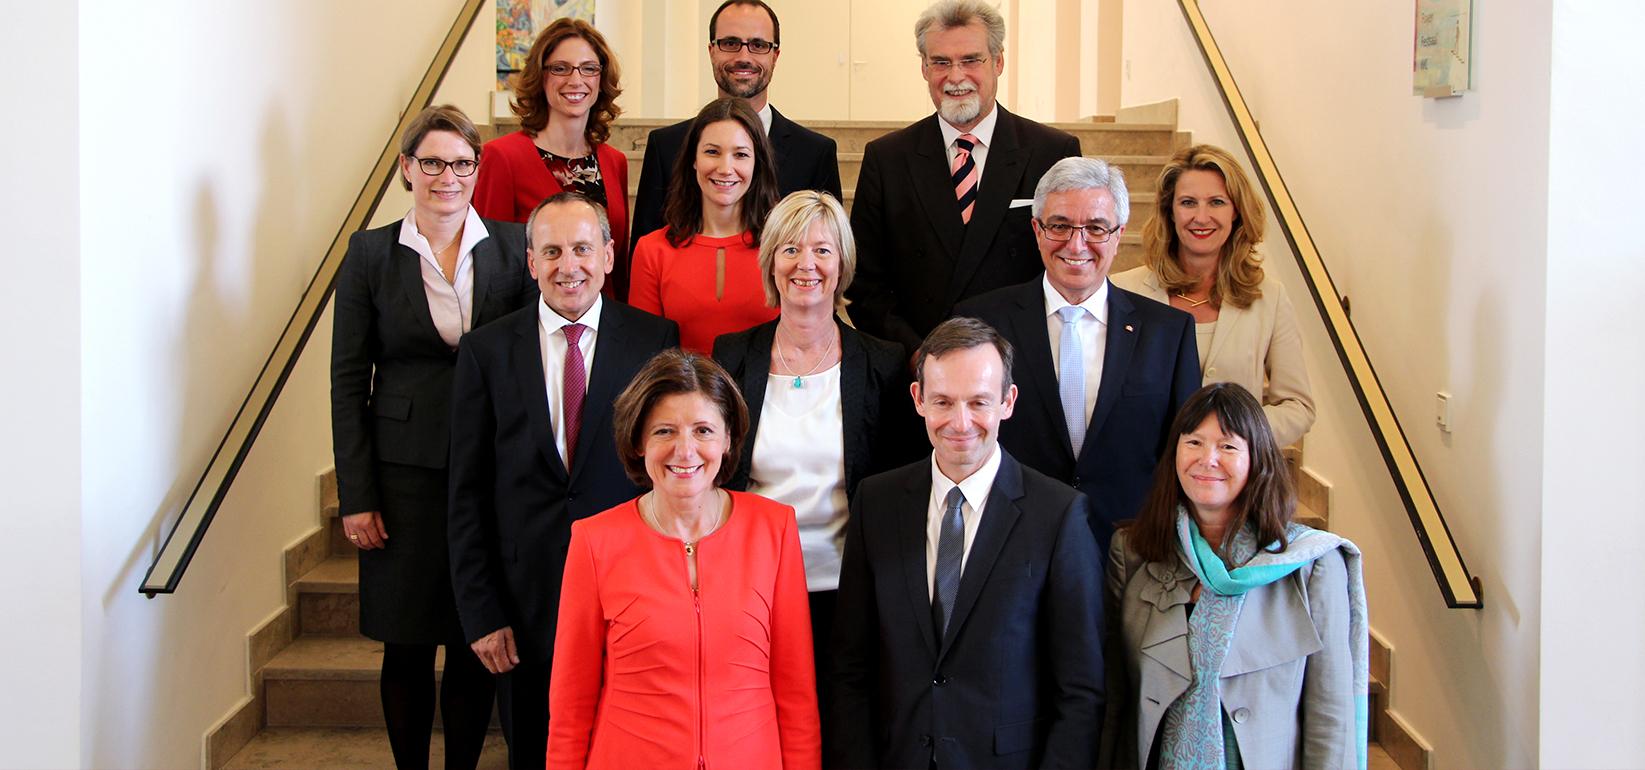 Malu Dreyer gewählt – neue Regierung vereidigt